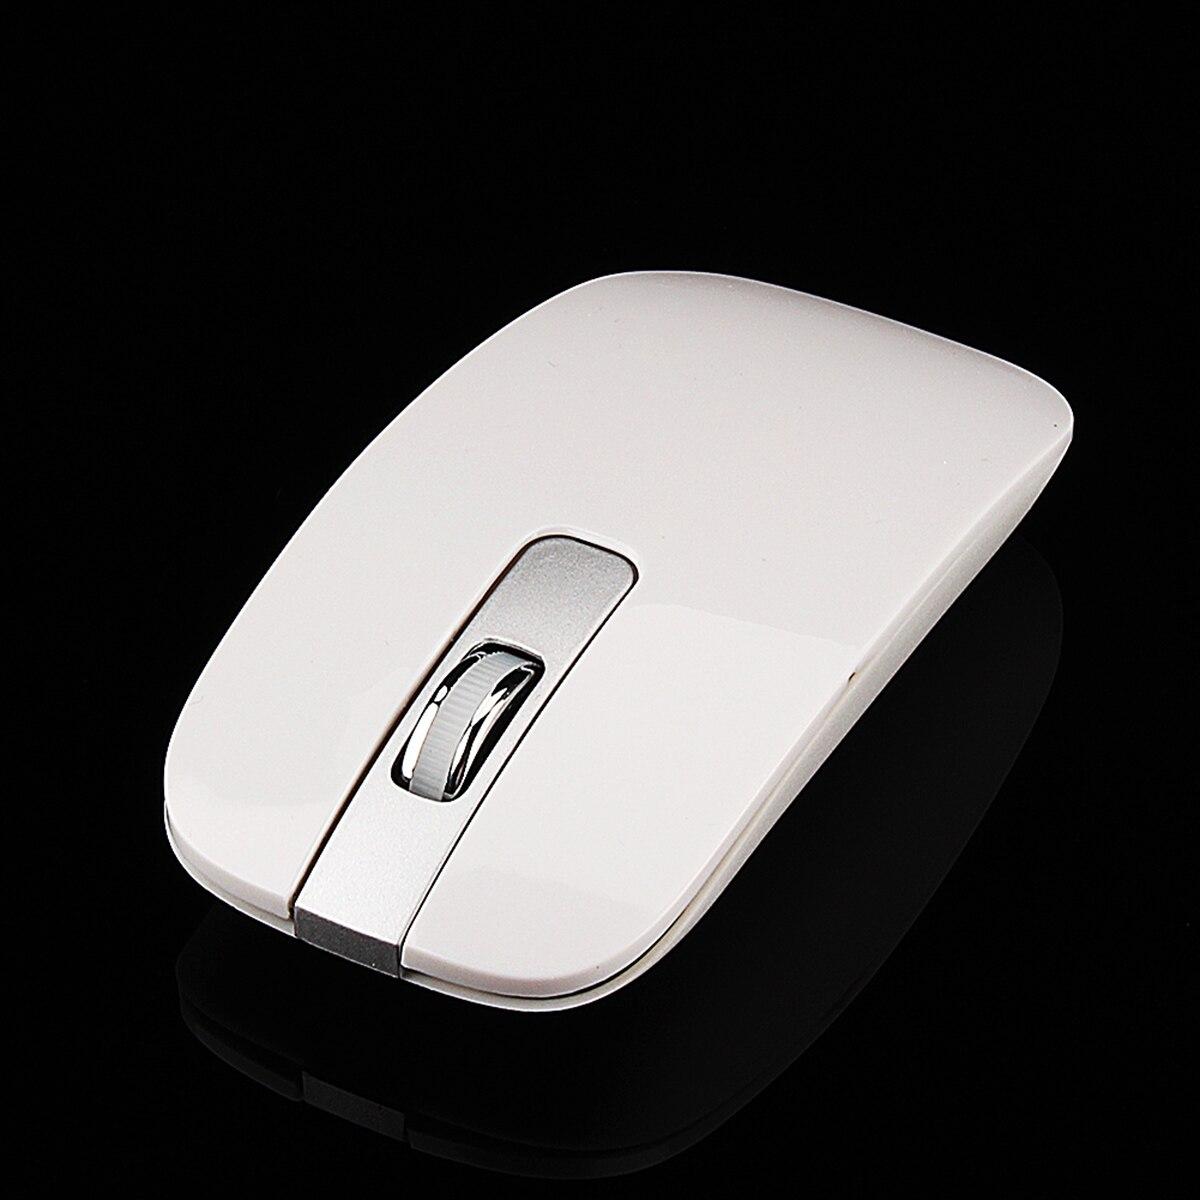 Тонкая беспроводная клавиатура и мышь 24 ГГц набор для windows